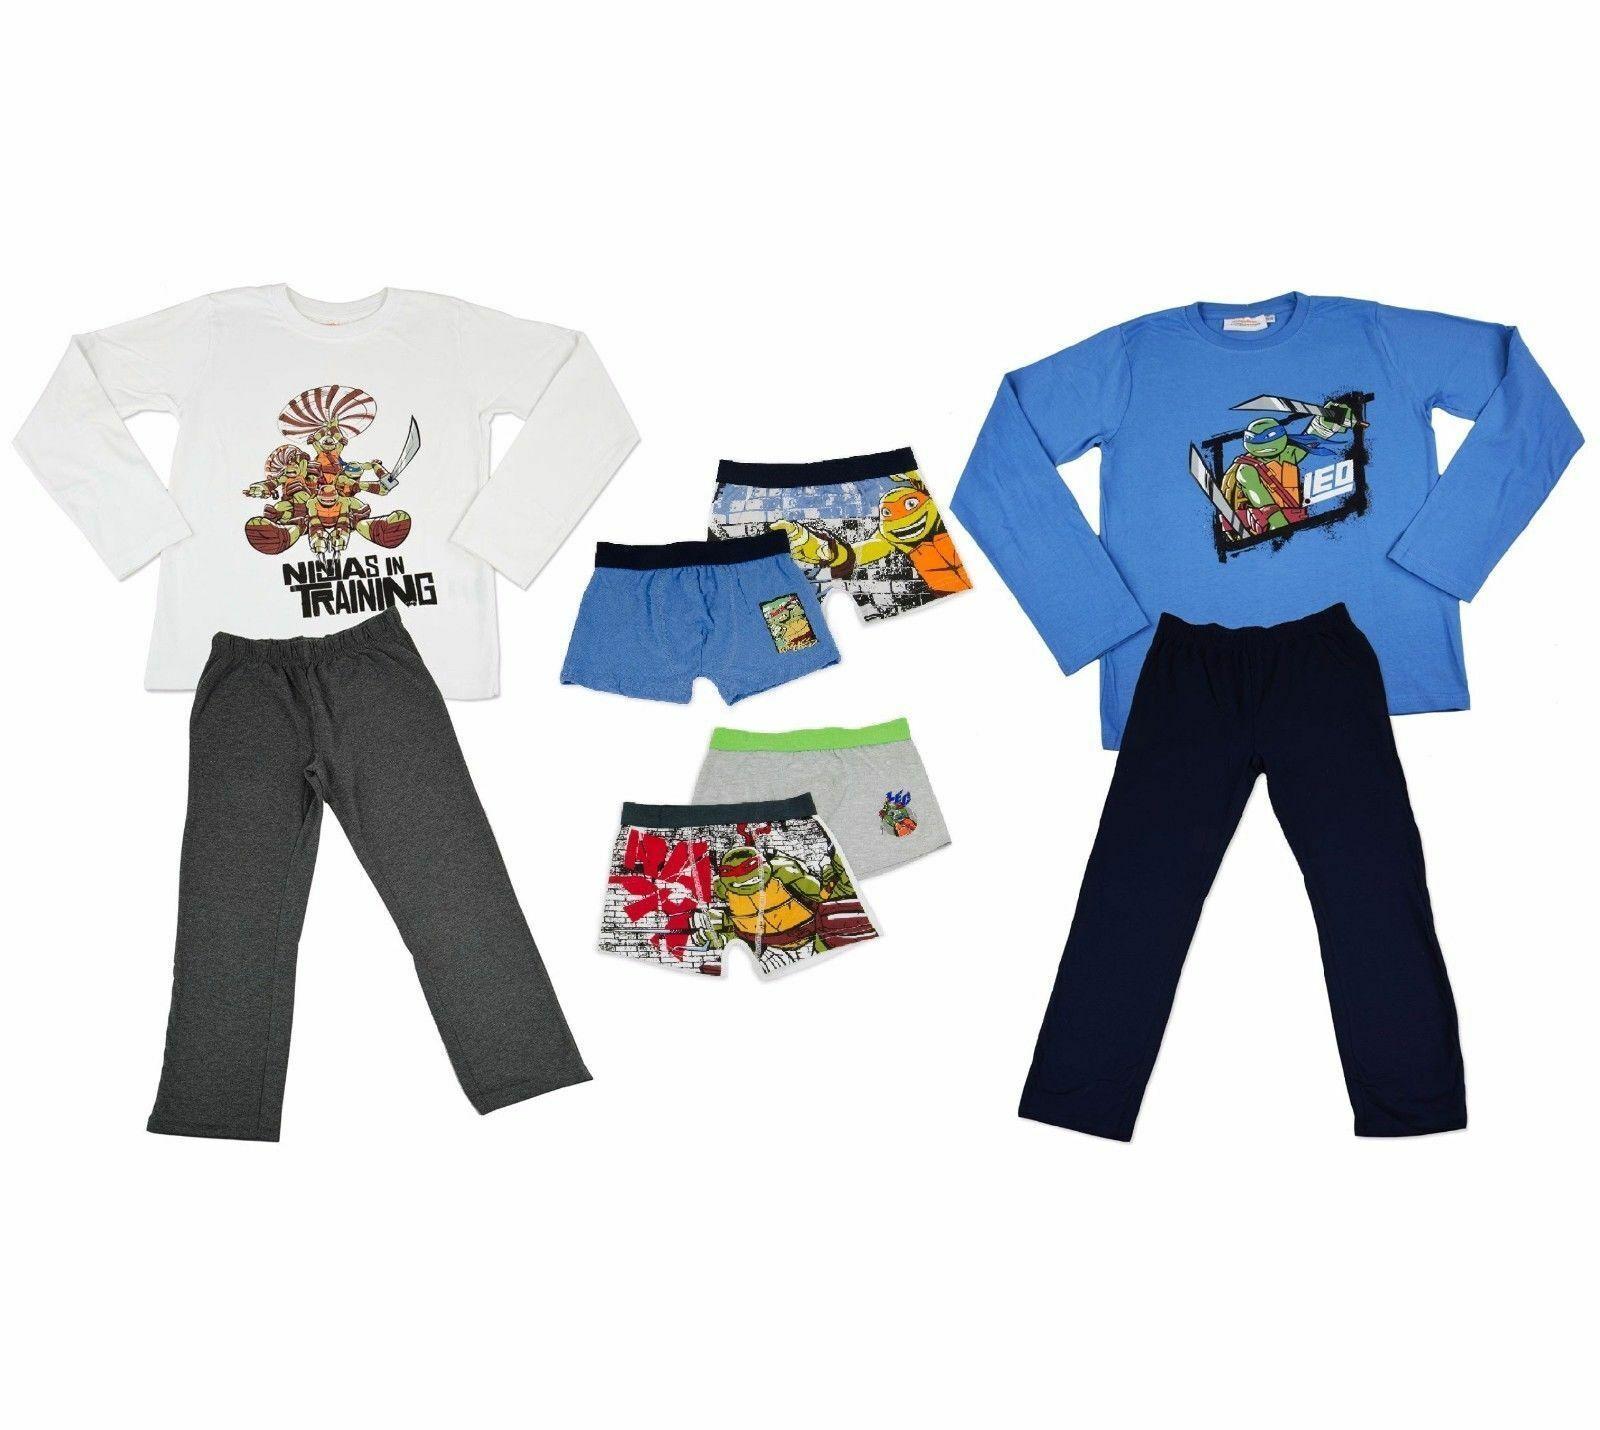 TURTLES Schlafanzug Pyjama Boxer Unterhose Nachtwäsche 100% Baumwolle Öko-Tex